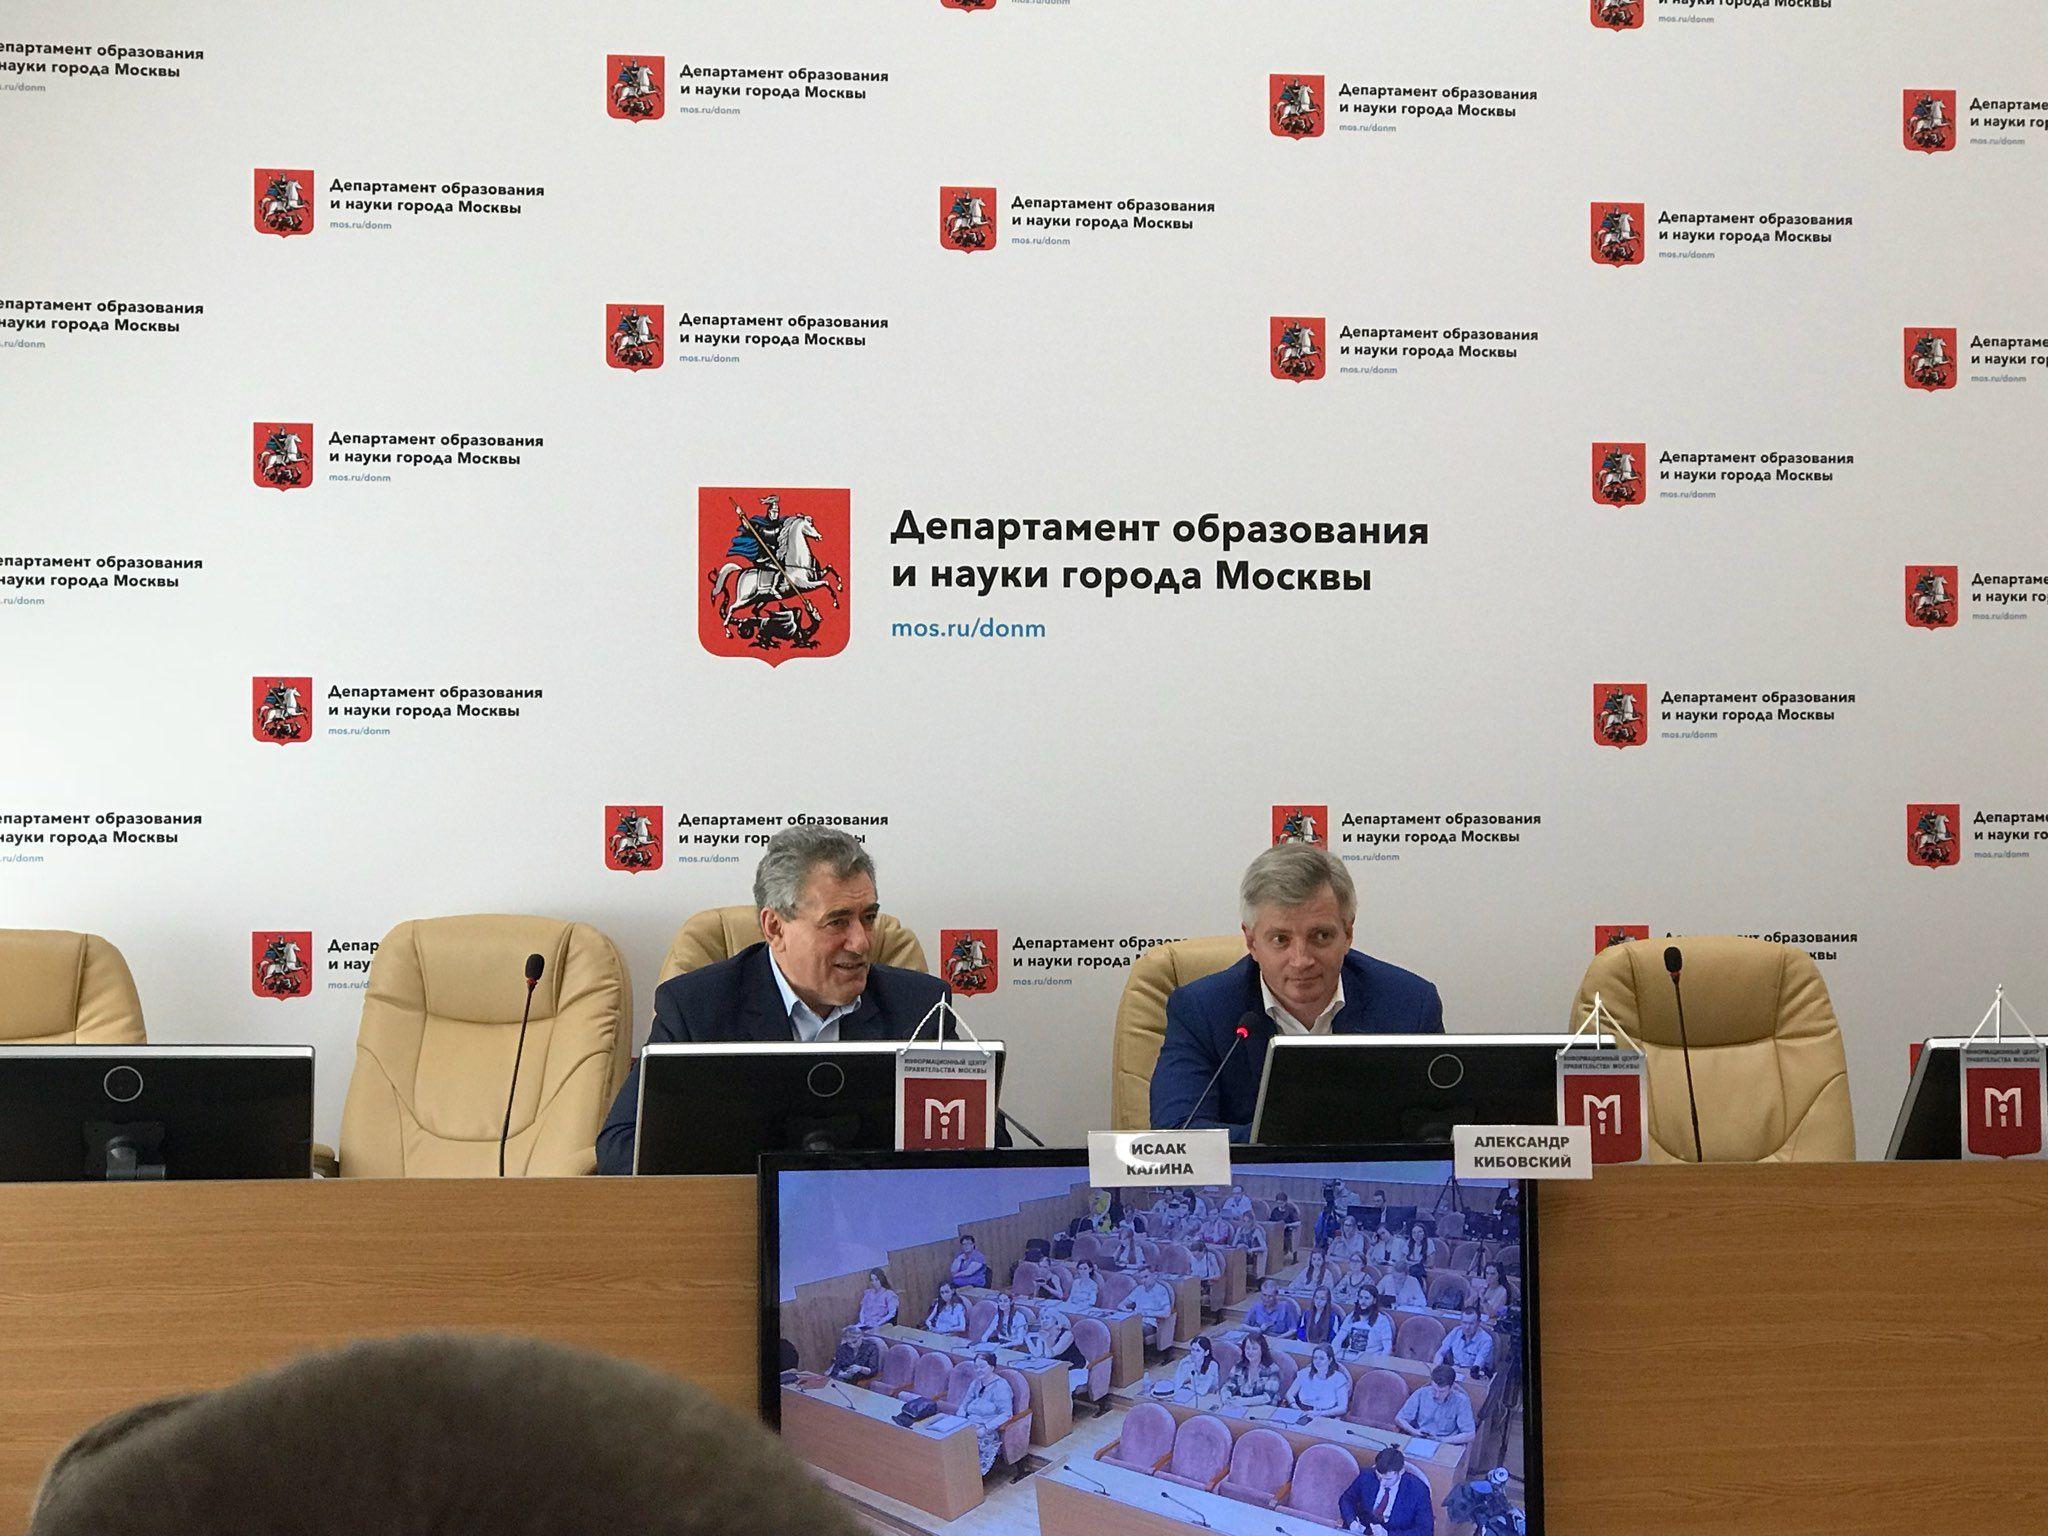 Пресс-конференция «О подготовке к проведению выпускного вечера – 2019» прошла в столице